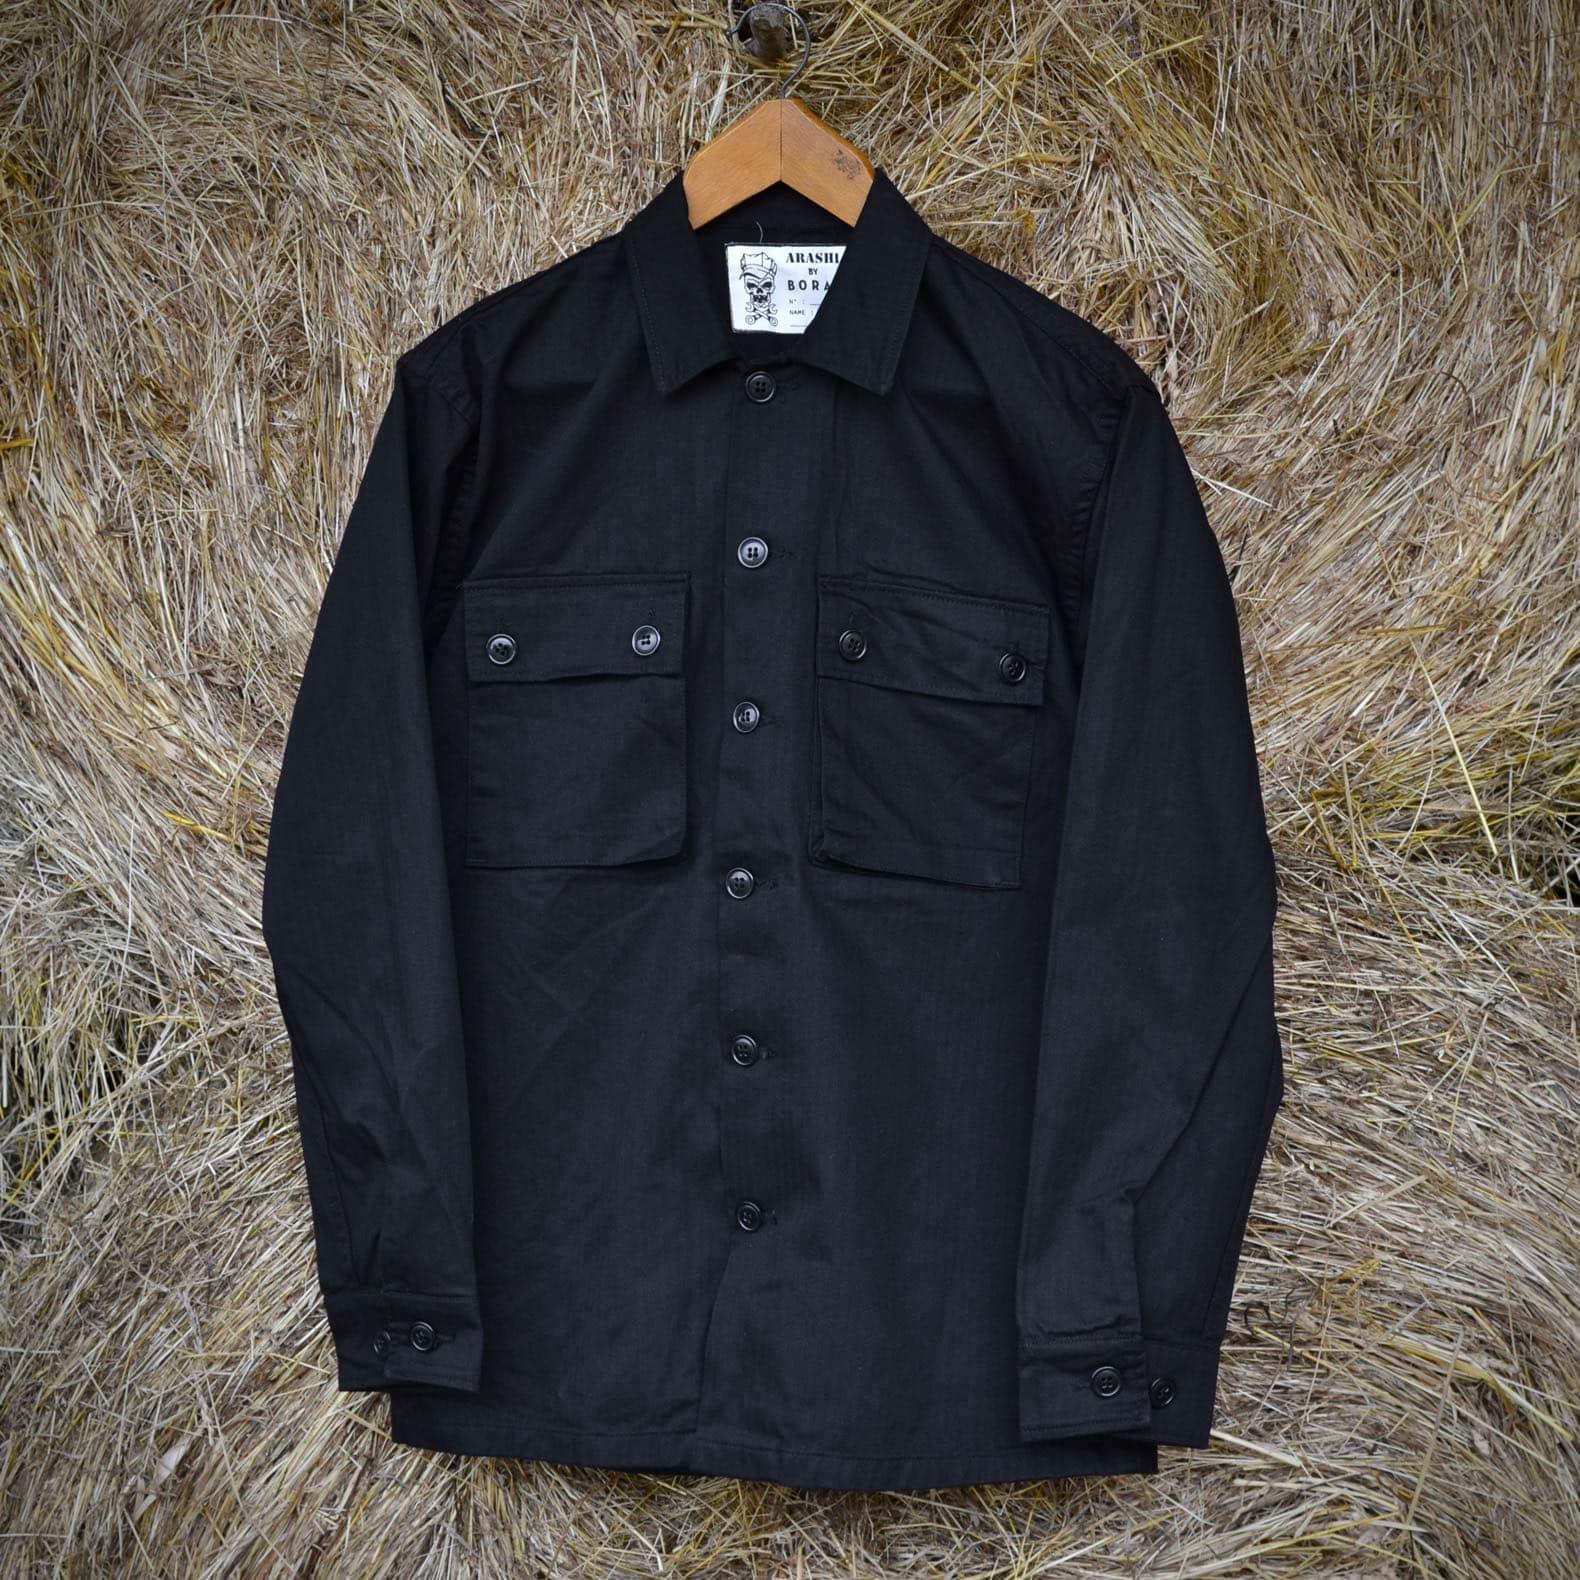 collab arashi by boras chemise ciso noire